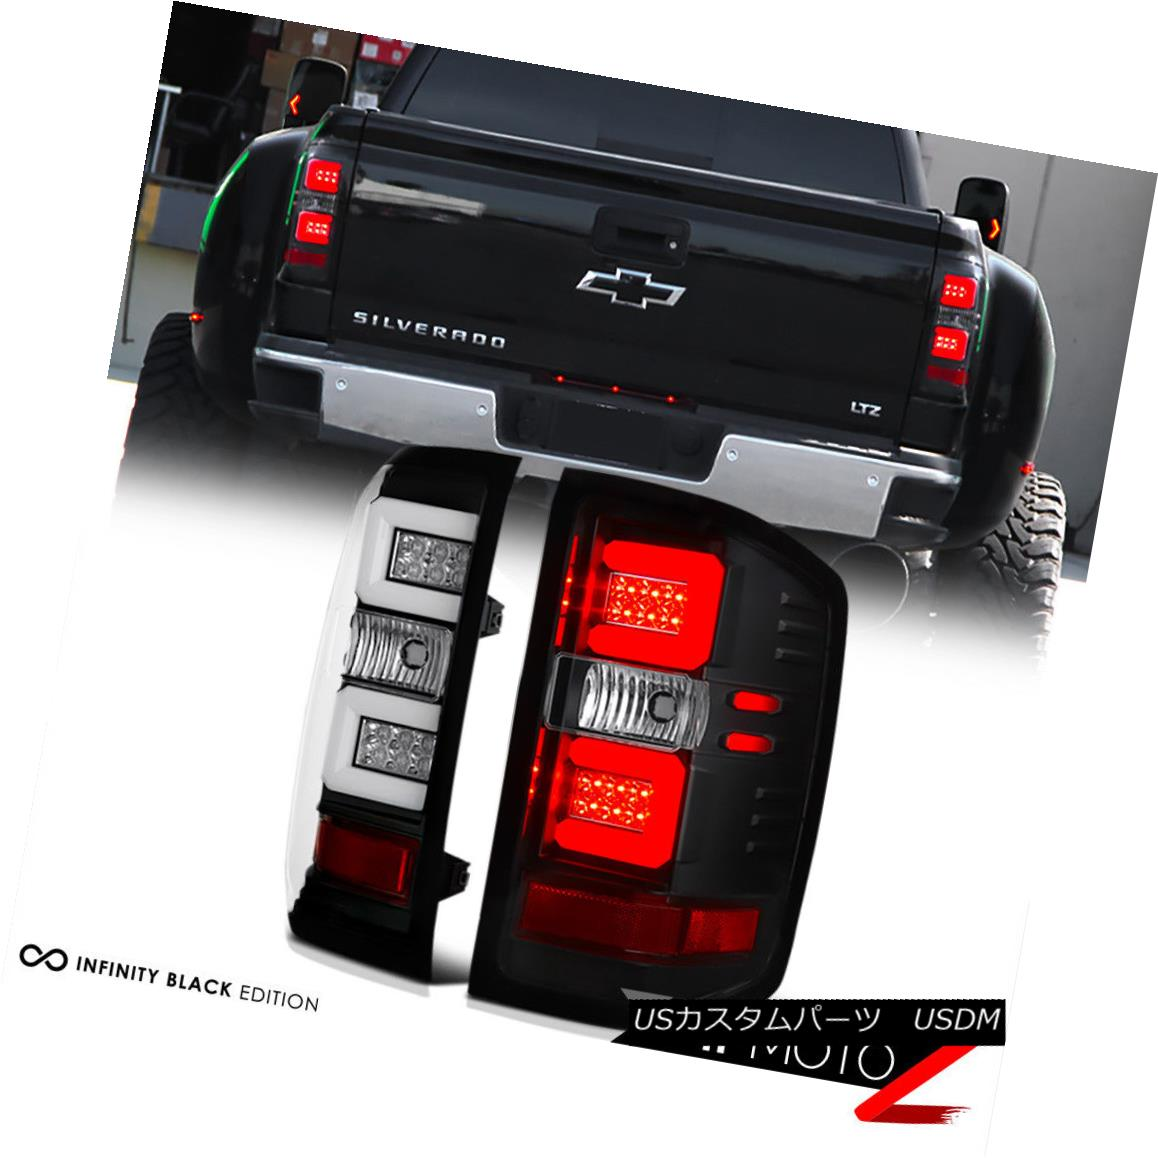 テールライト 2016-2018 Chevy Silverado 1500 2500HD 3500HD Black LED Neon Tube Tail Light Lamp 2016-2018 Chevy Silverado 1500 2500HD 3500HD黒色LEDネオンチューブテールライトランプ